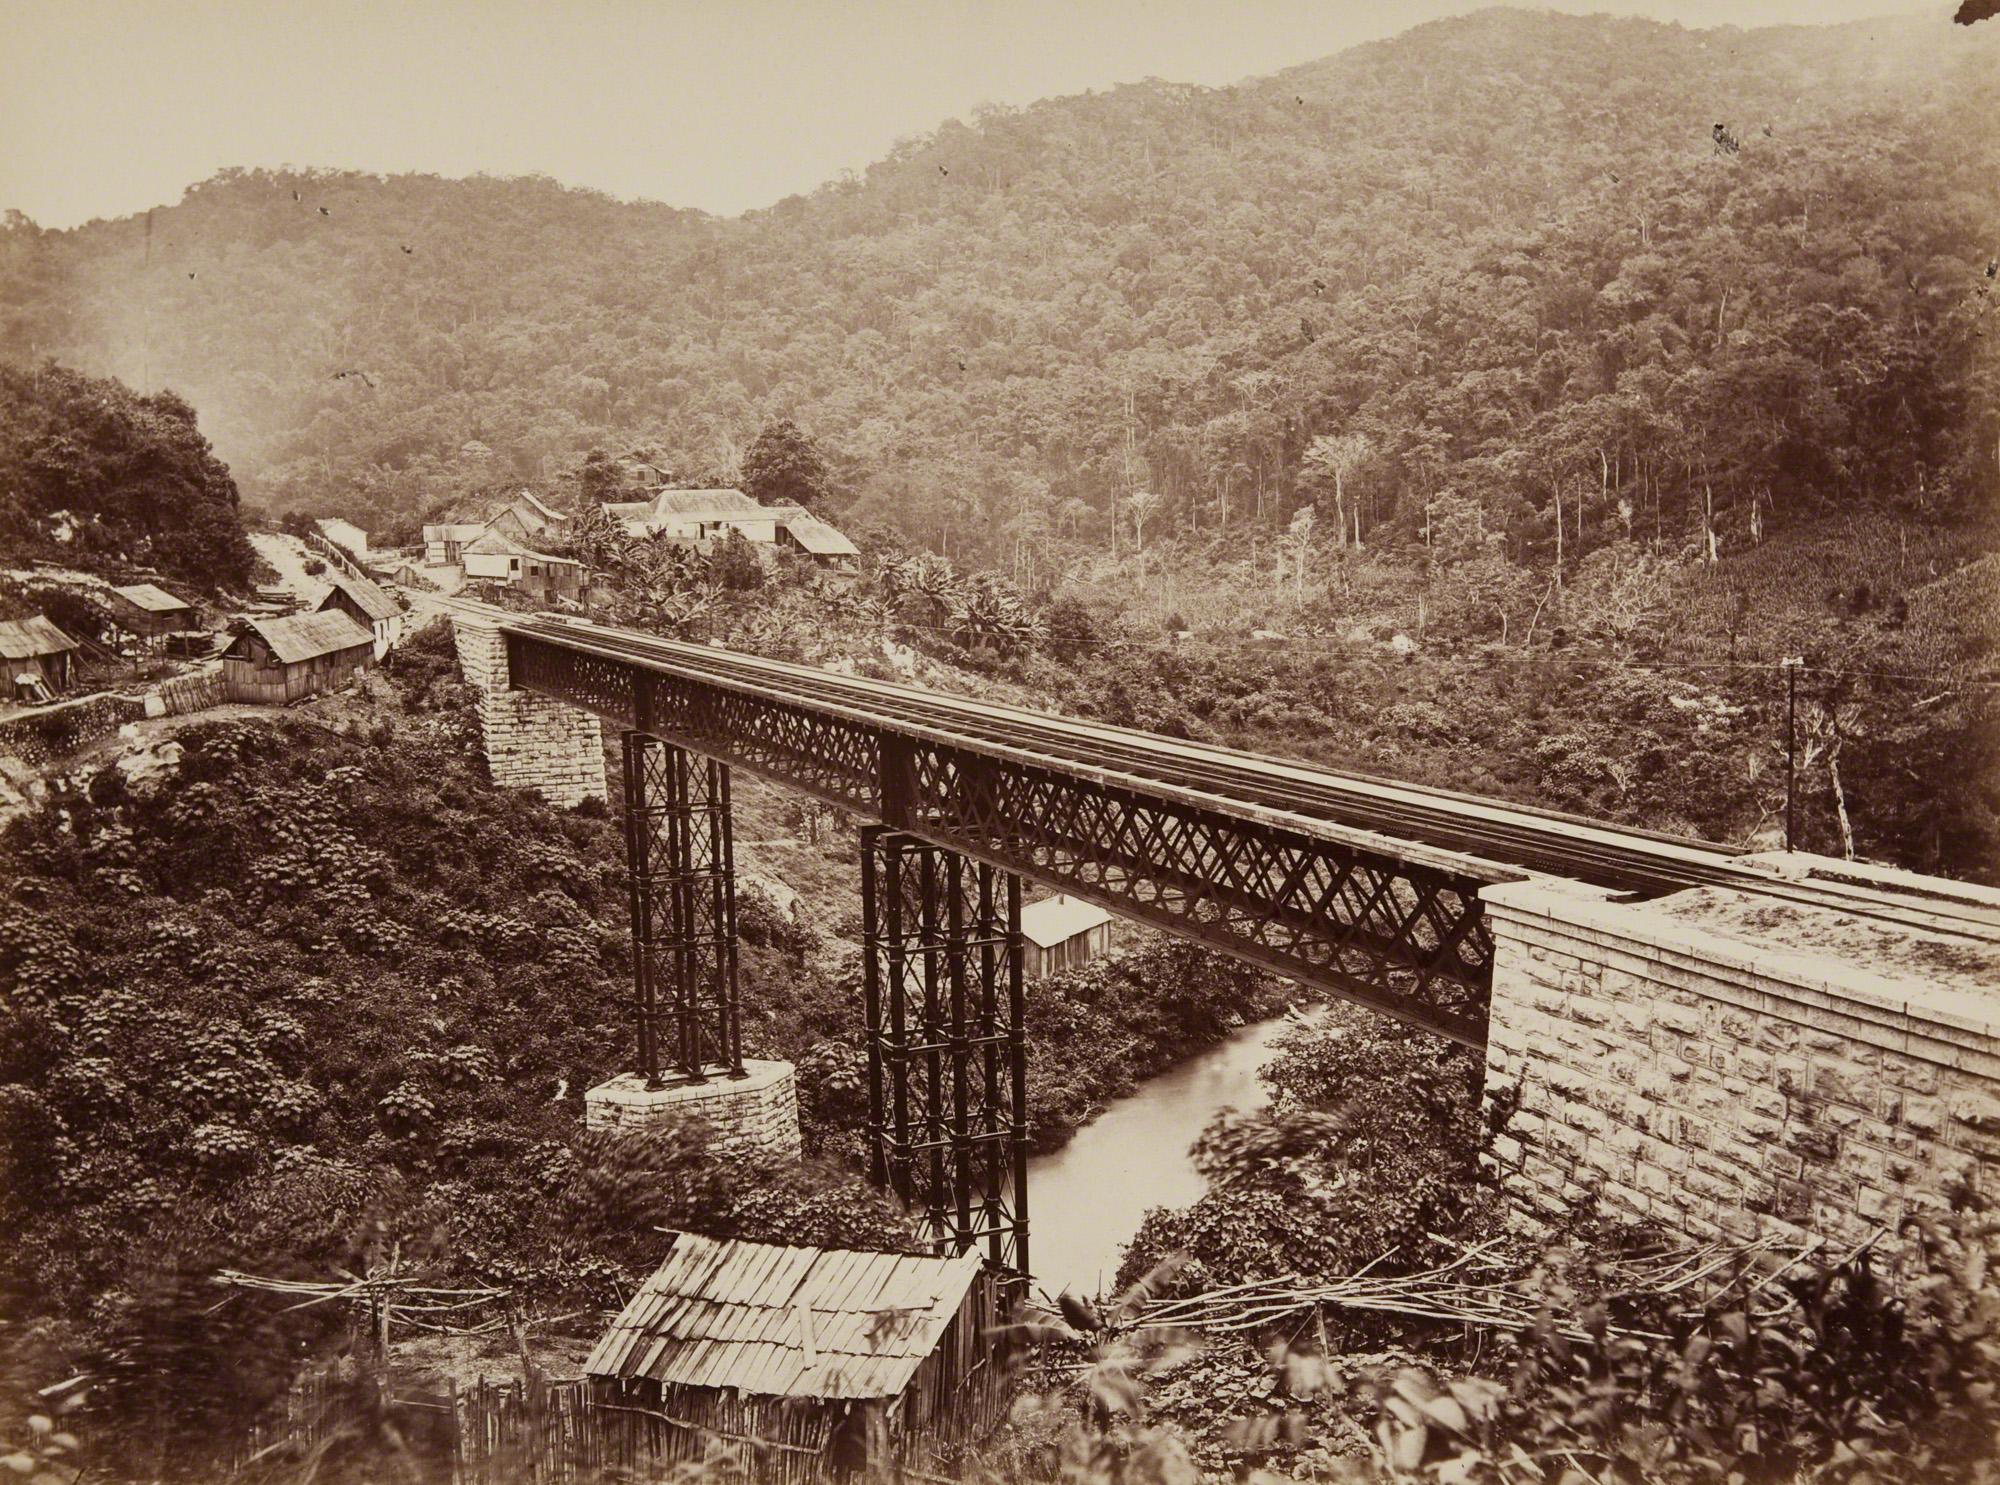 File:Puente del Atoyac (Rio Balsas) - Ferro Carril Mexicano, 1883.jpg ...